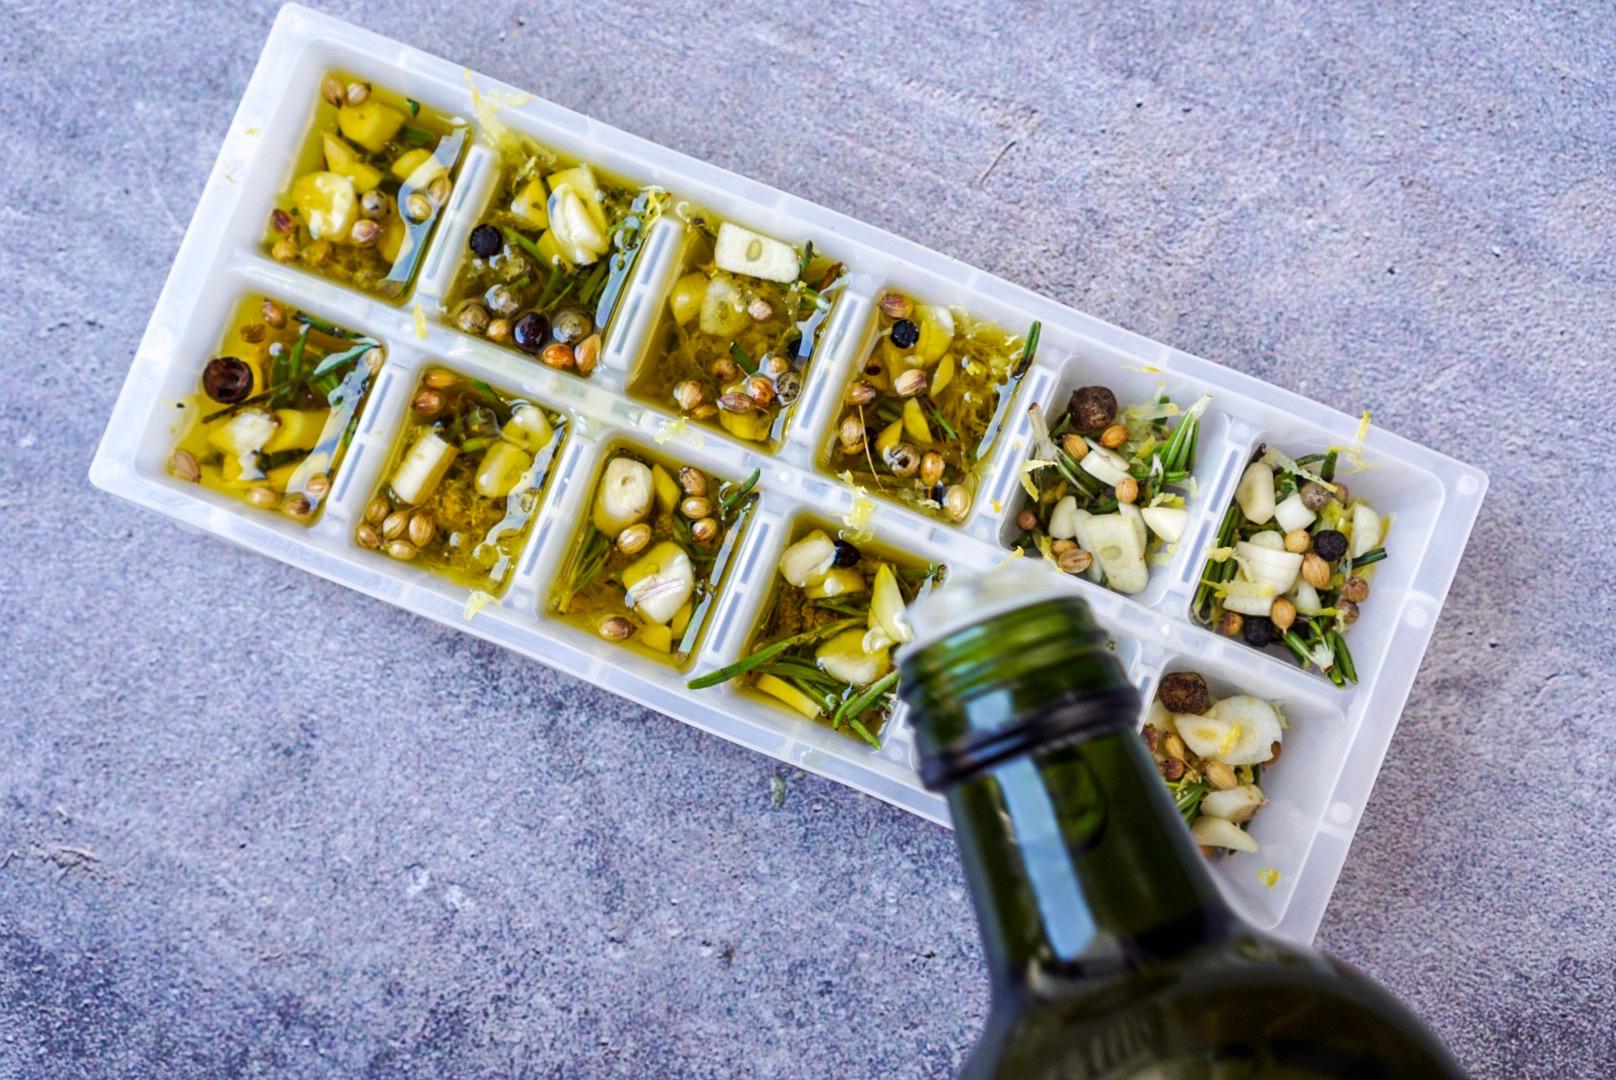 Aromáticas congelas con aceite de oliva virgen extra para que no se pongan malas